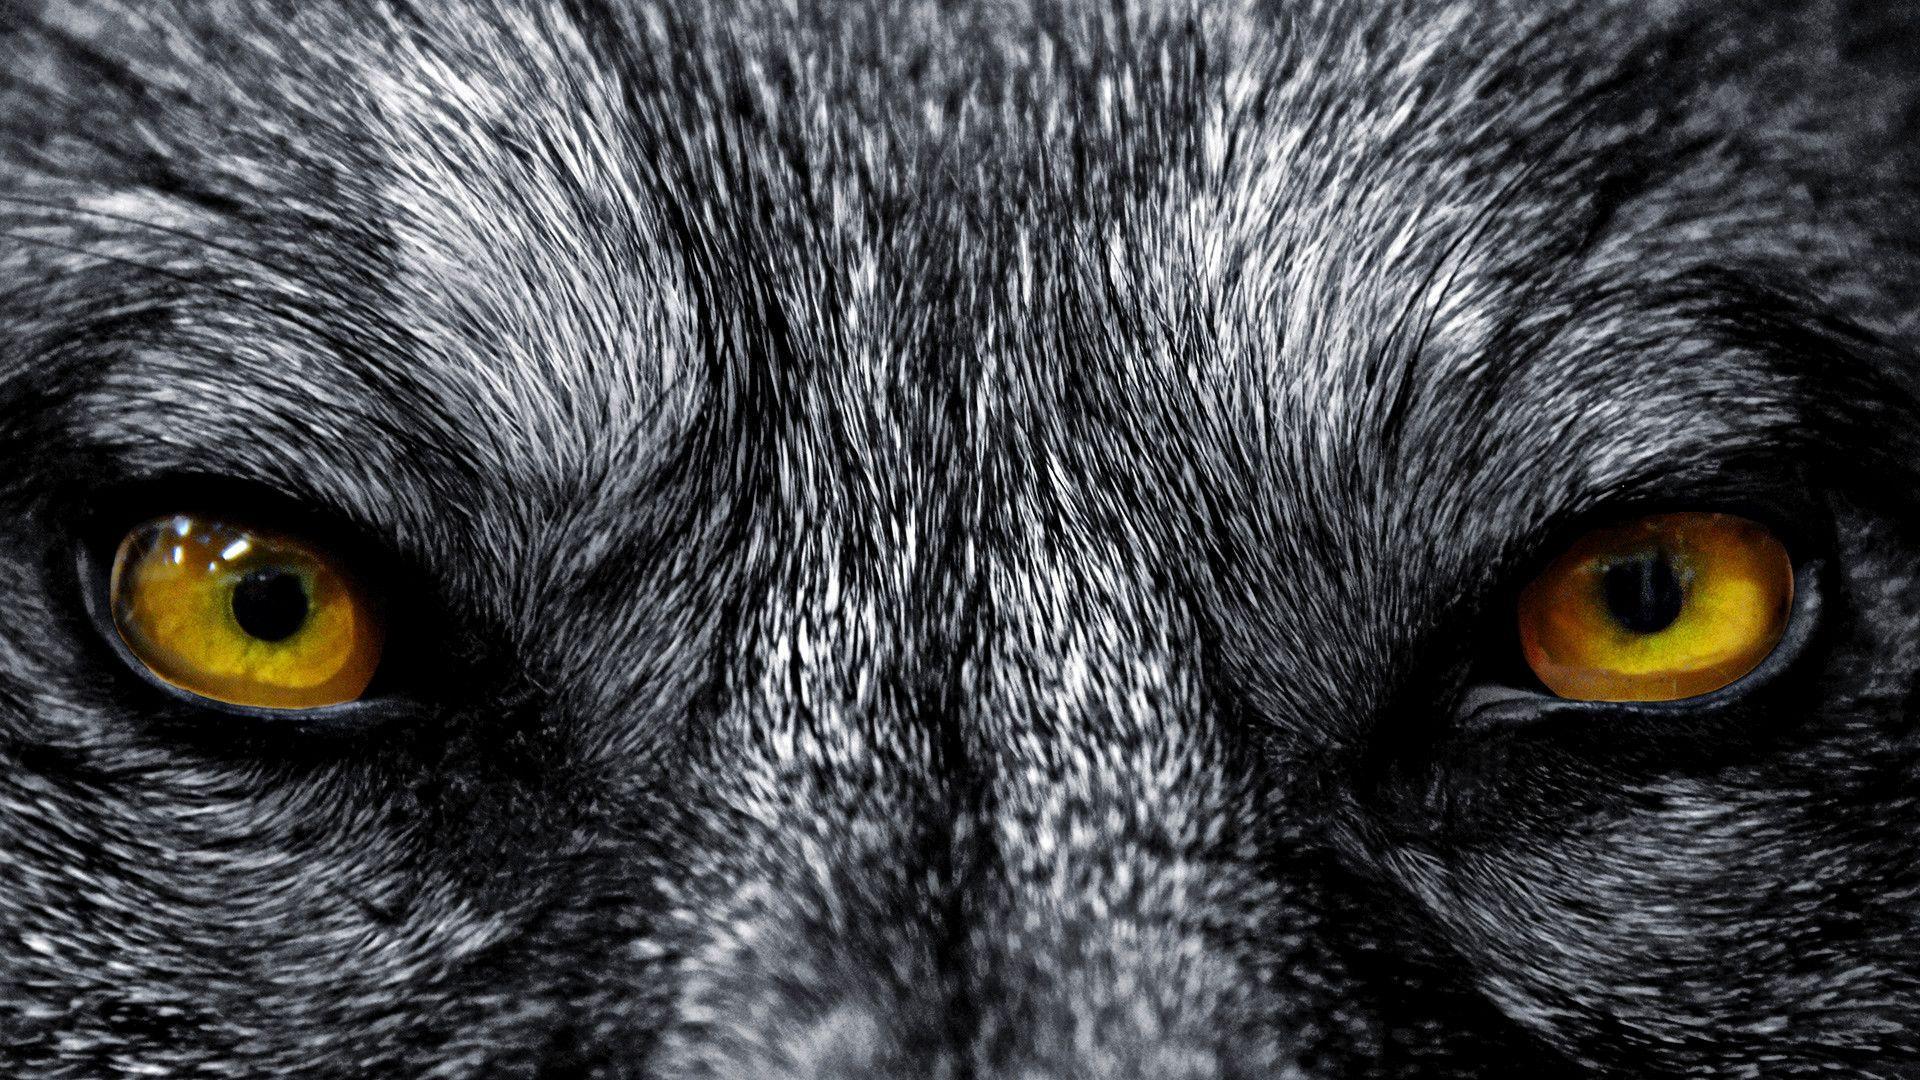 Hình nền chó sói 1920x1080 HD 1080p